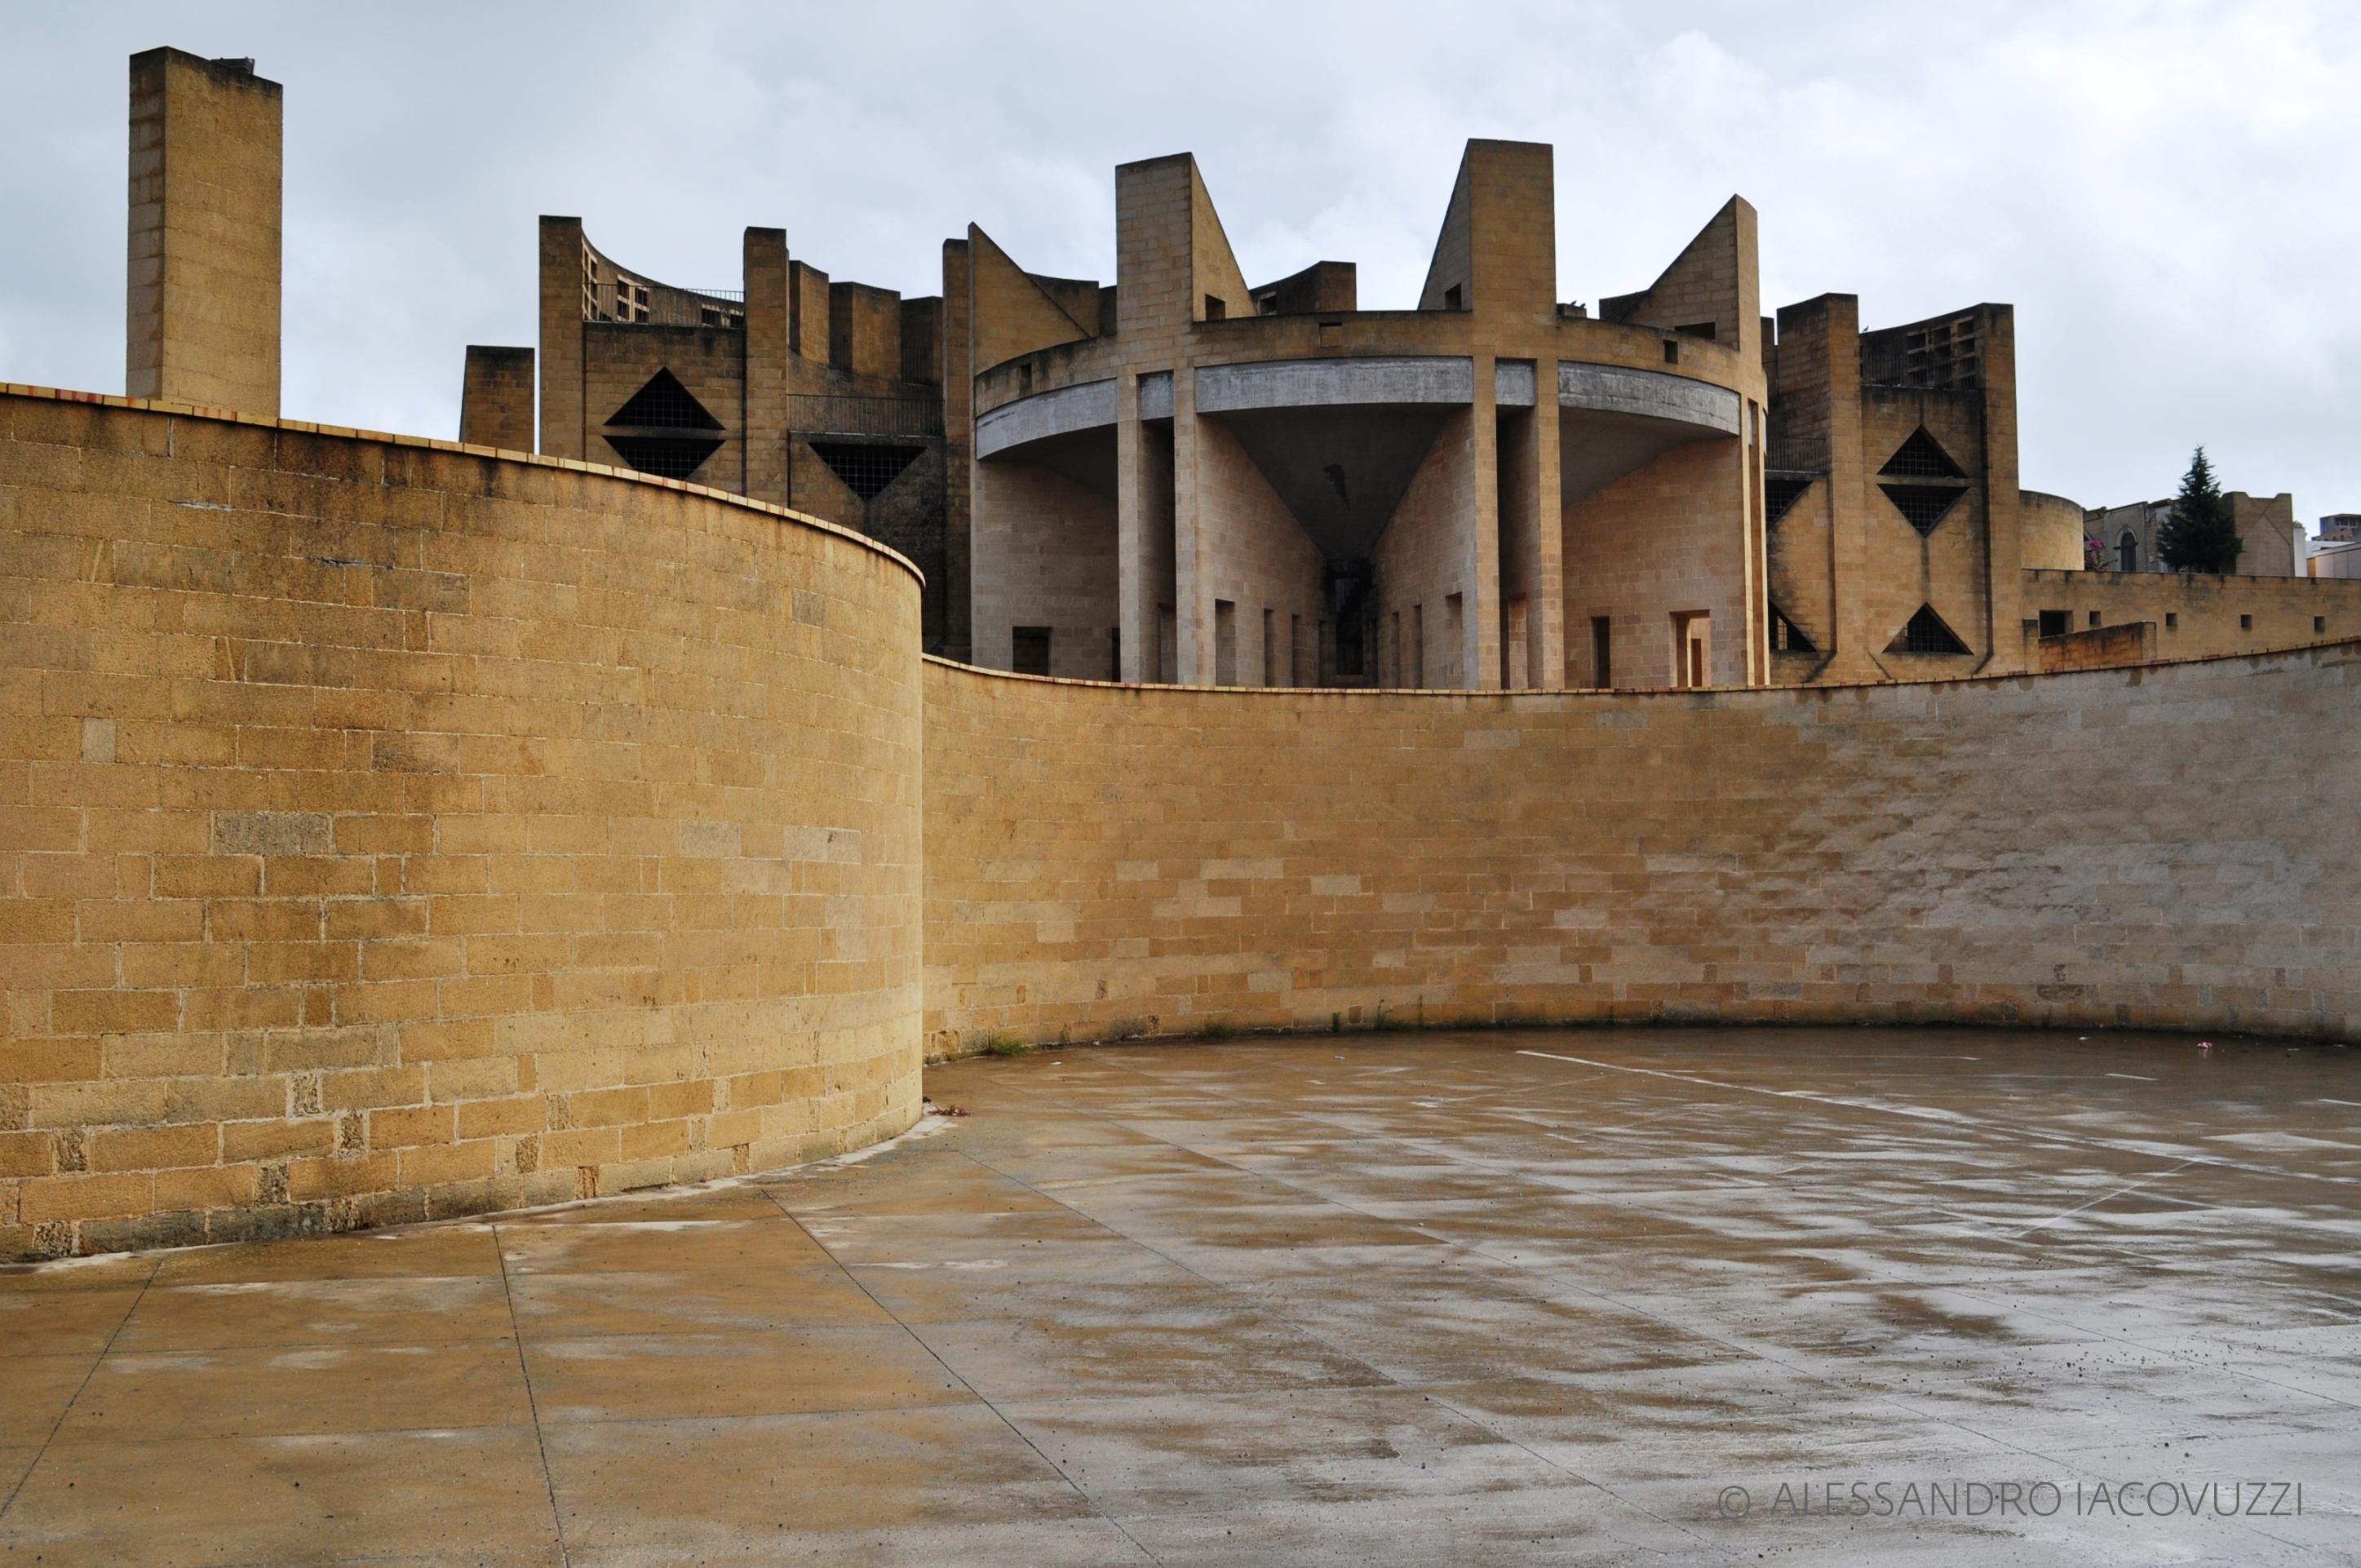 Cimitero di Parabita, Lecce